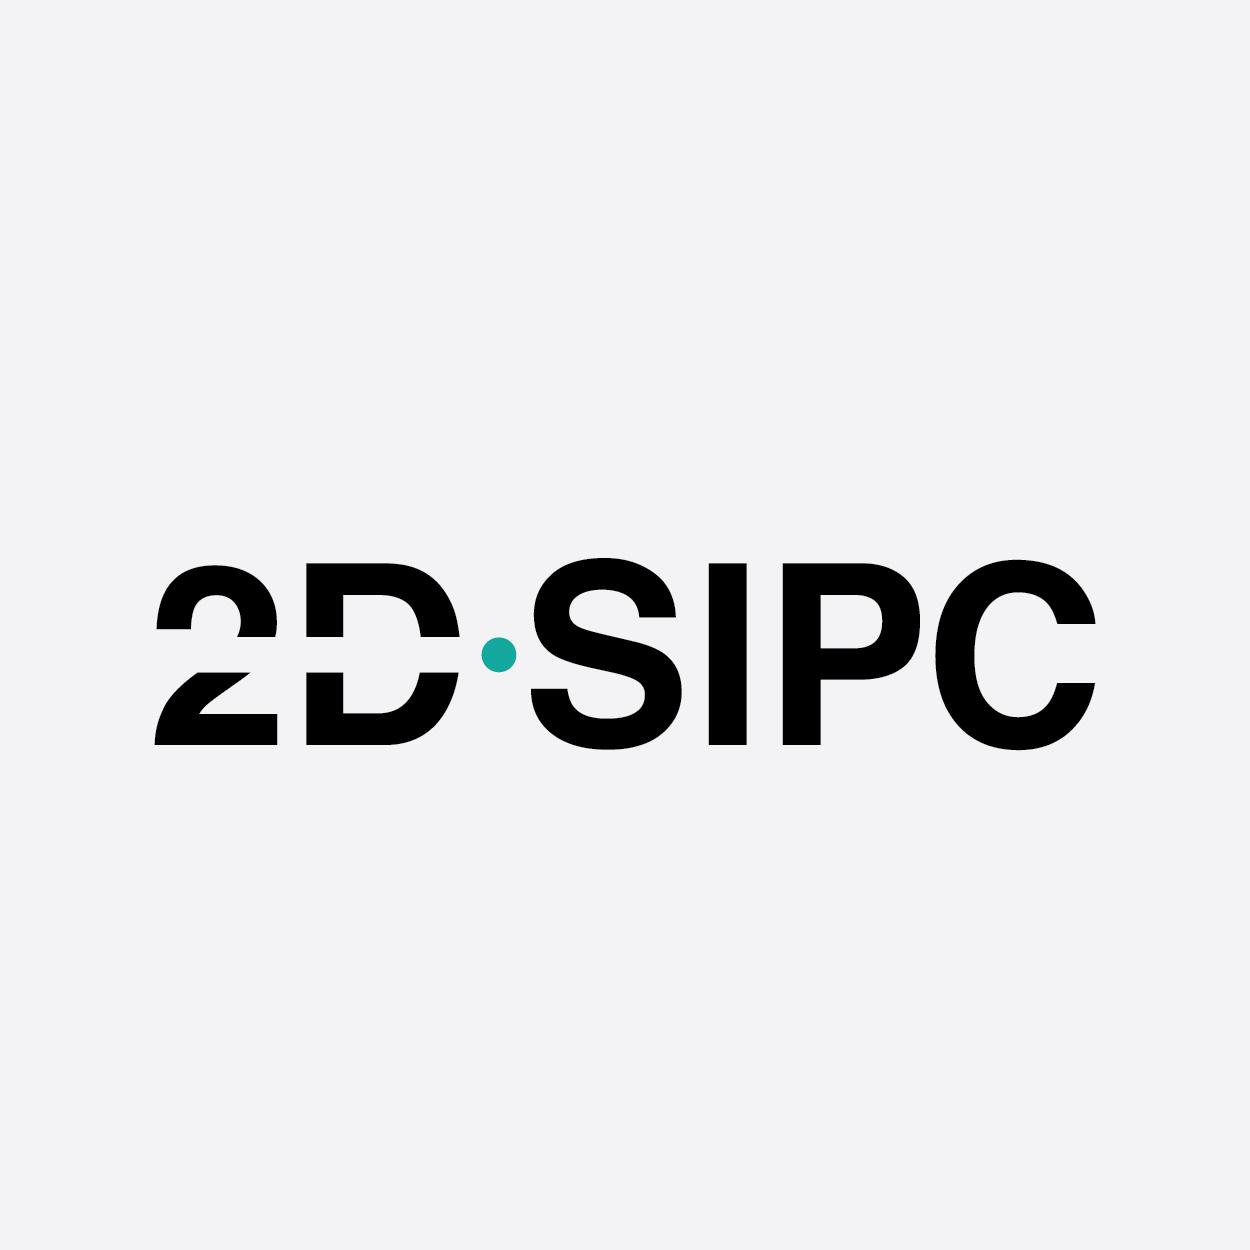 Bitflow-studio-logo-scientific-project-c2dsipc-1